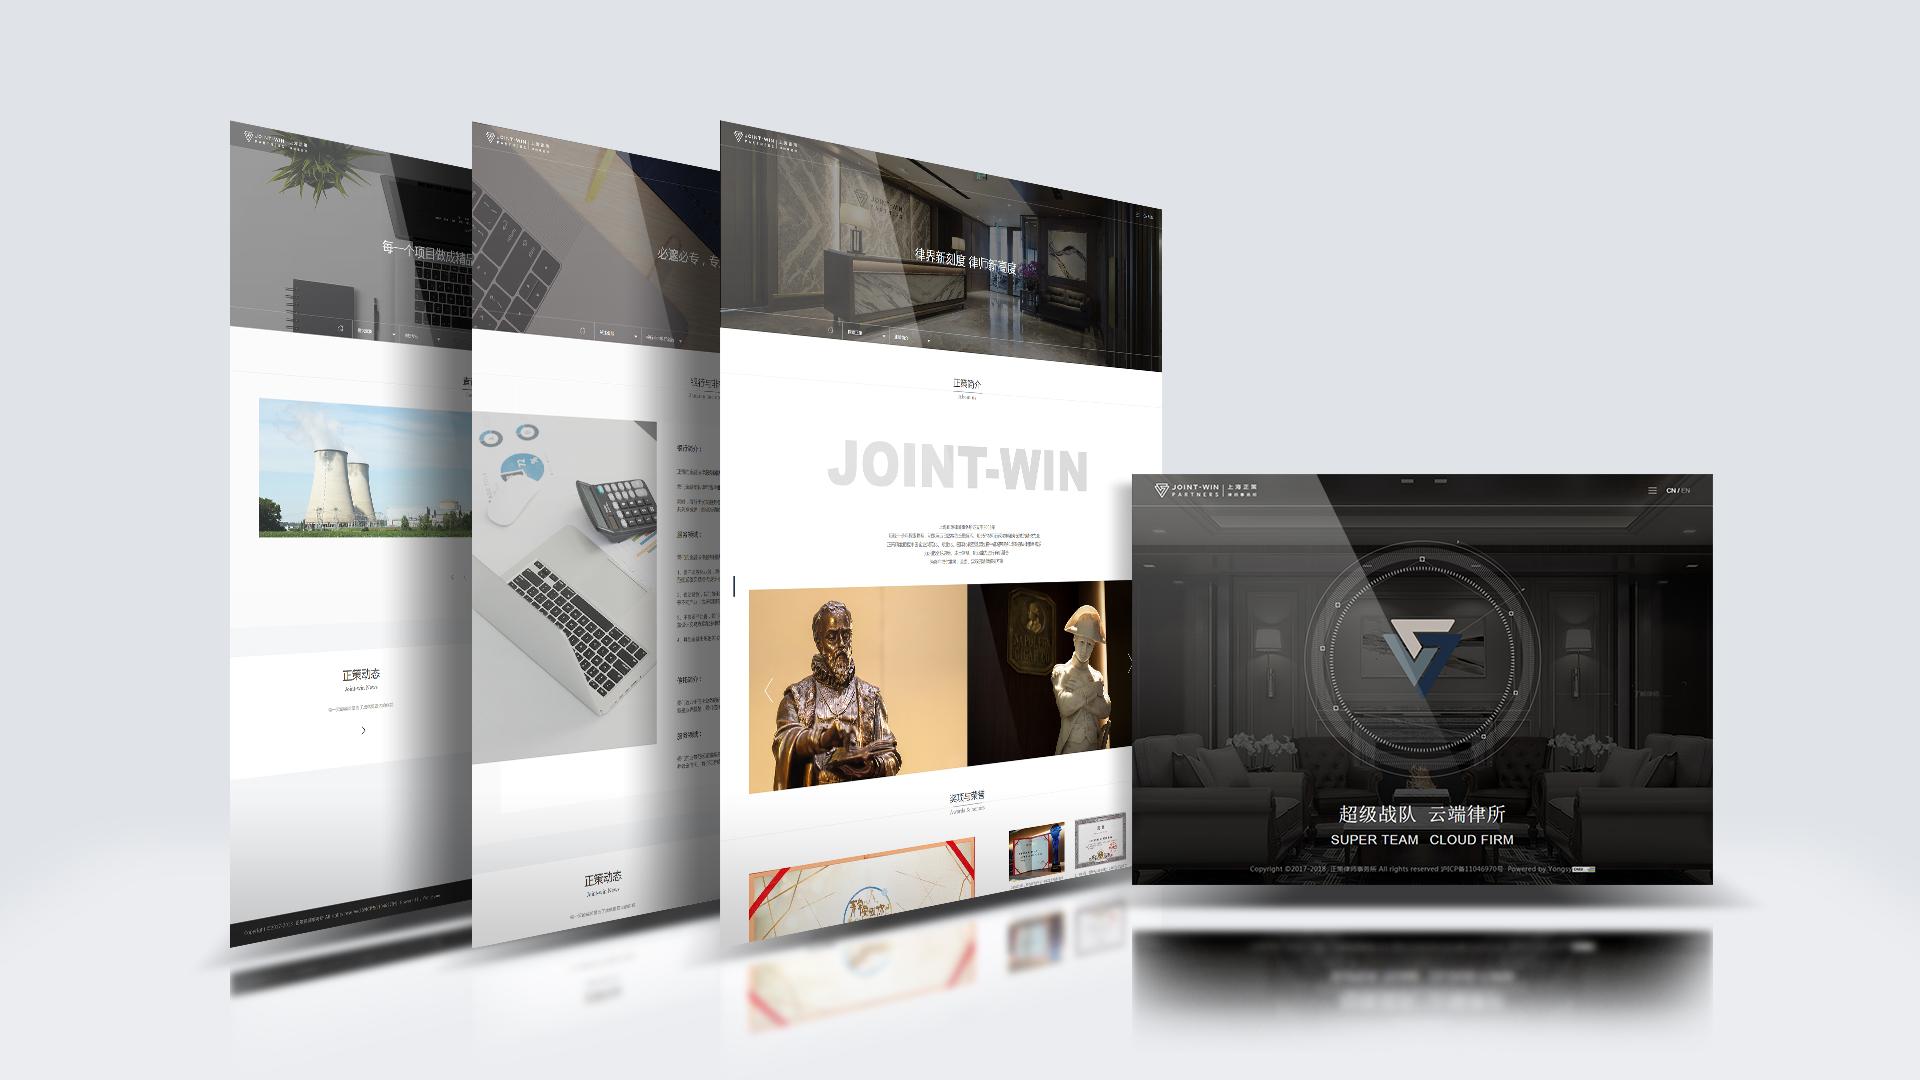 工业制造 产品介绍机械制造行业网站企业官网网页制作定制开发